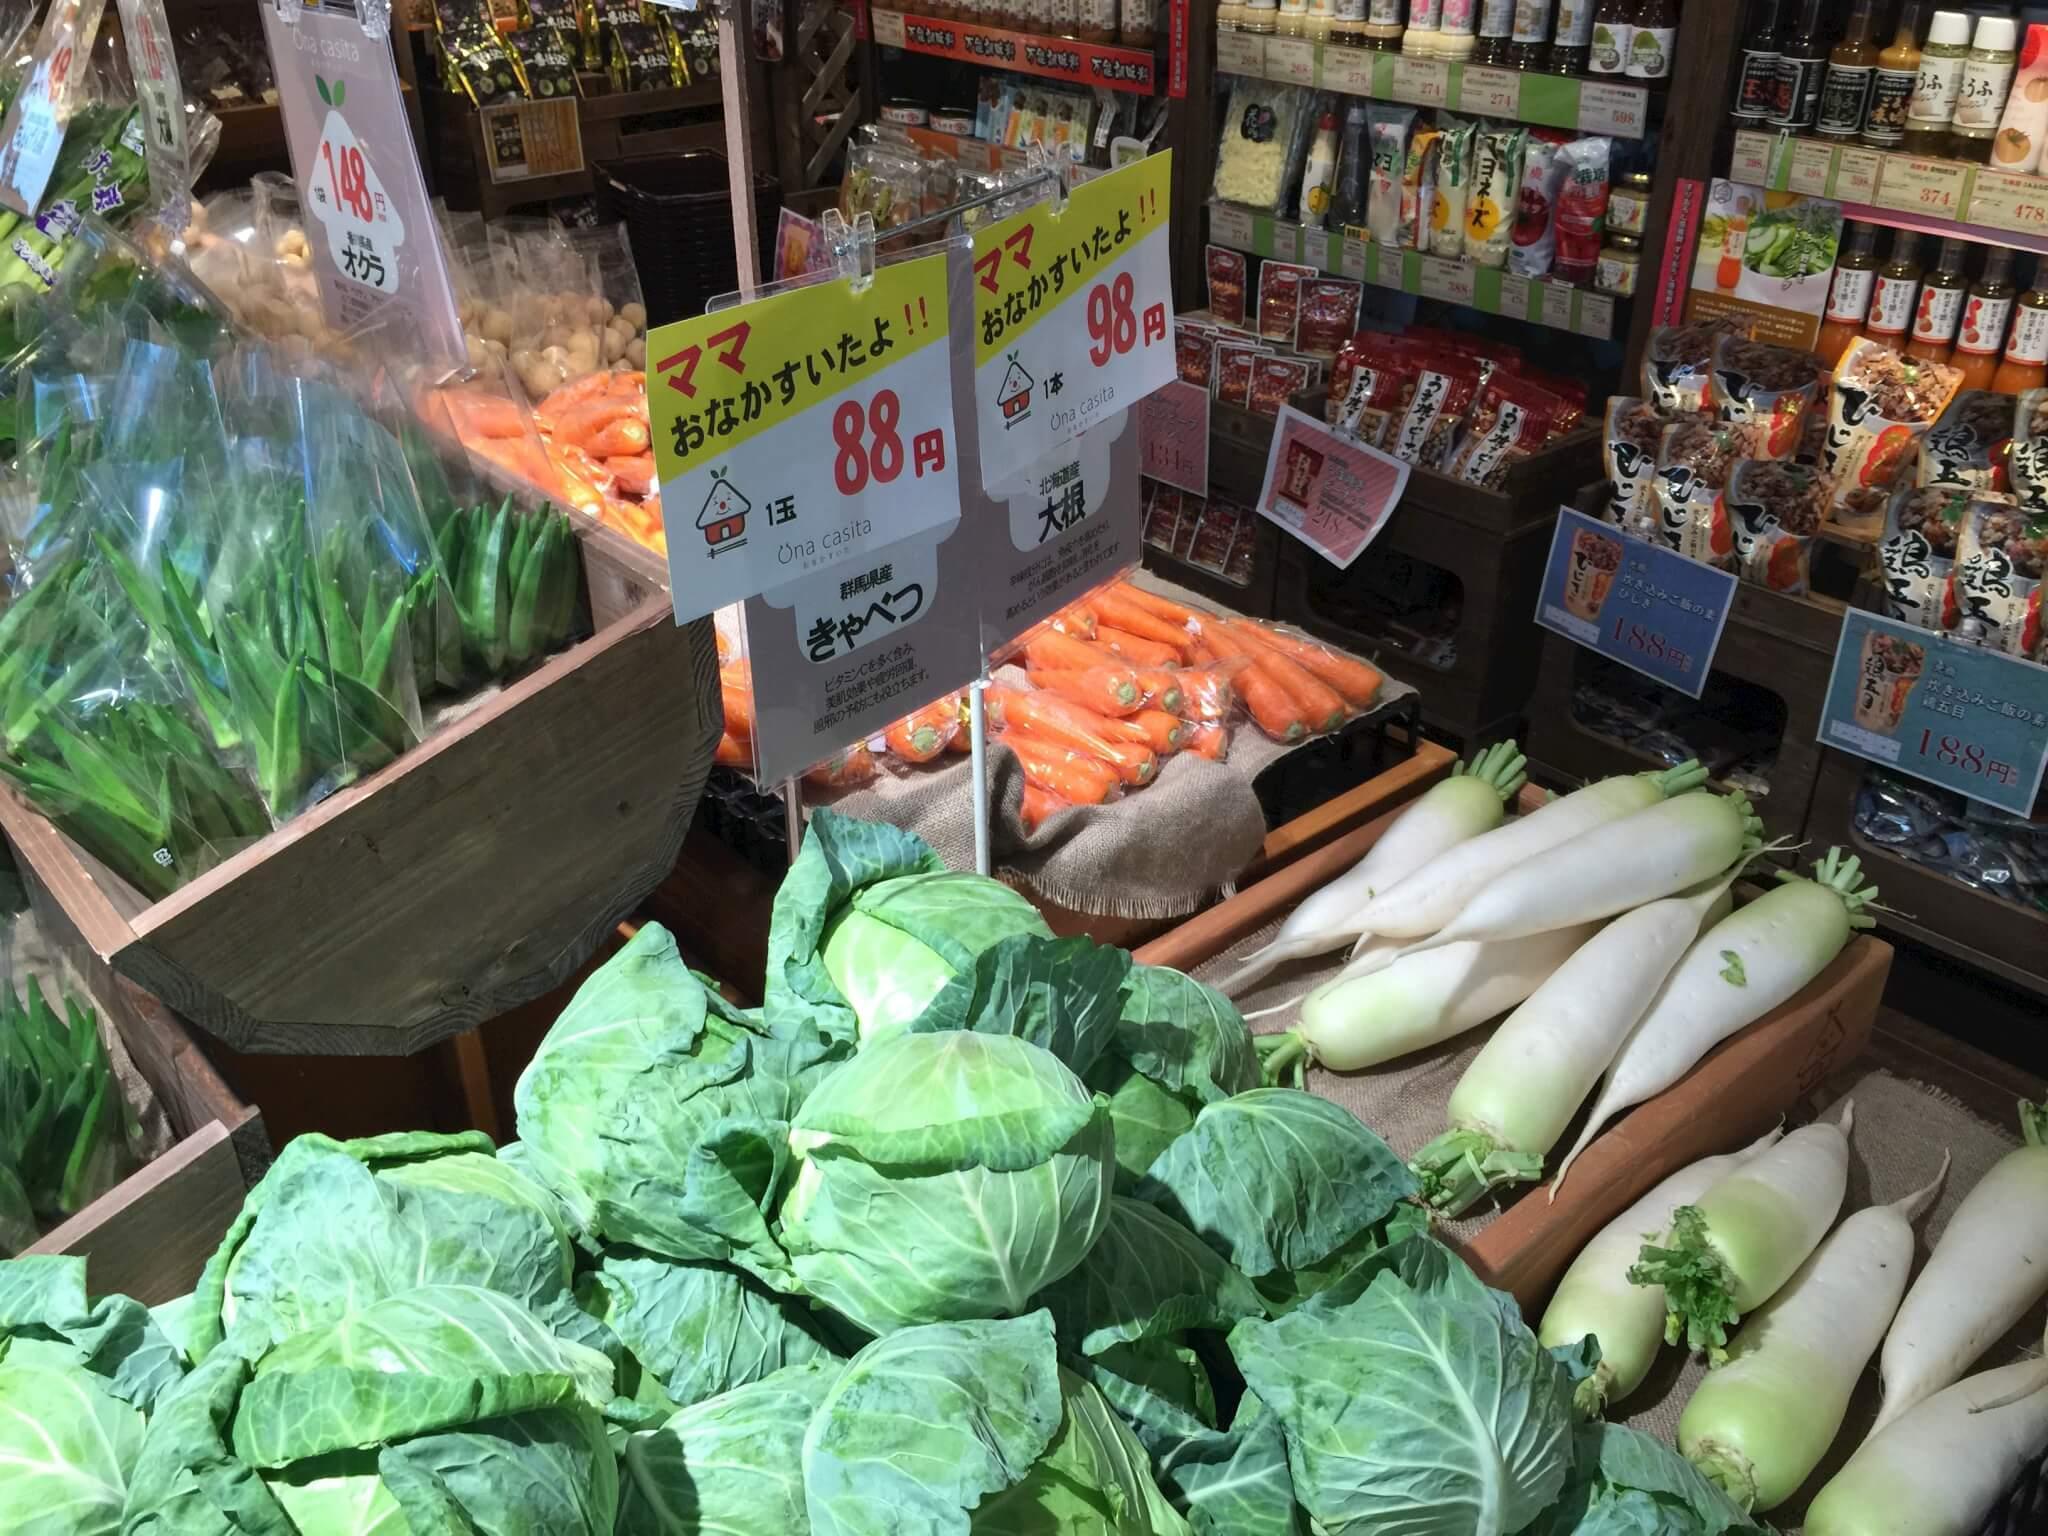 スーパーUna casita(おなかすいた) 激安野菜たち